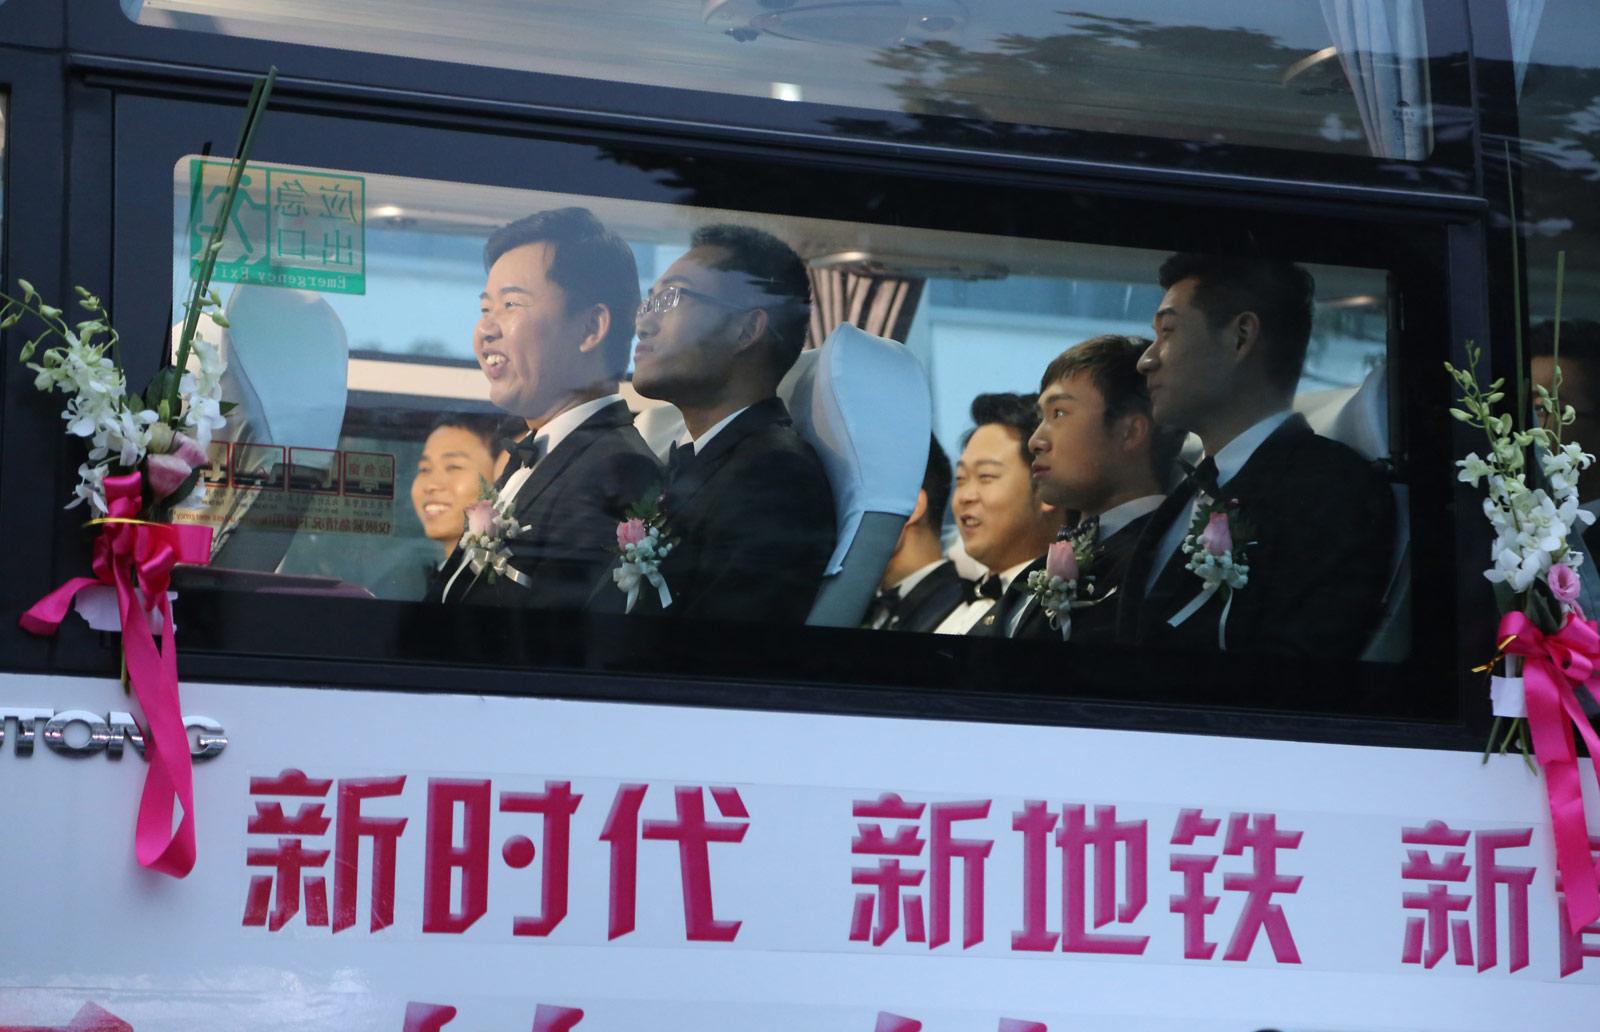 作为地铁承建方的中建三局基础设施公司联合武汉地铁集团,在地铁阳逻线开通之际,为21名地铁建设者举办了别开生面的集体婚礼。图为新人乘坐大巴参加地铁婚礼。(连迅 摄)